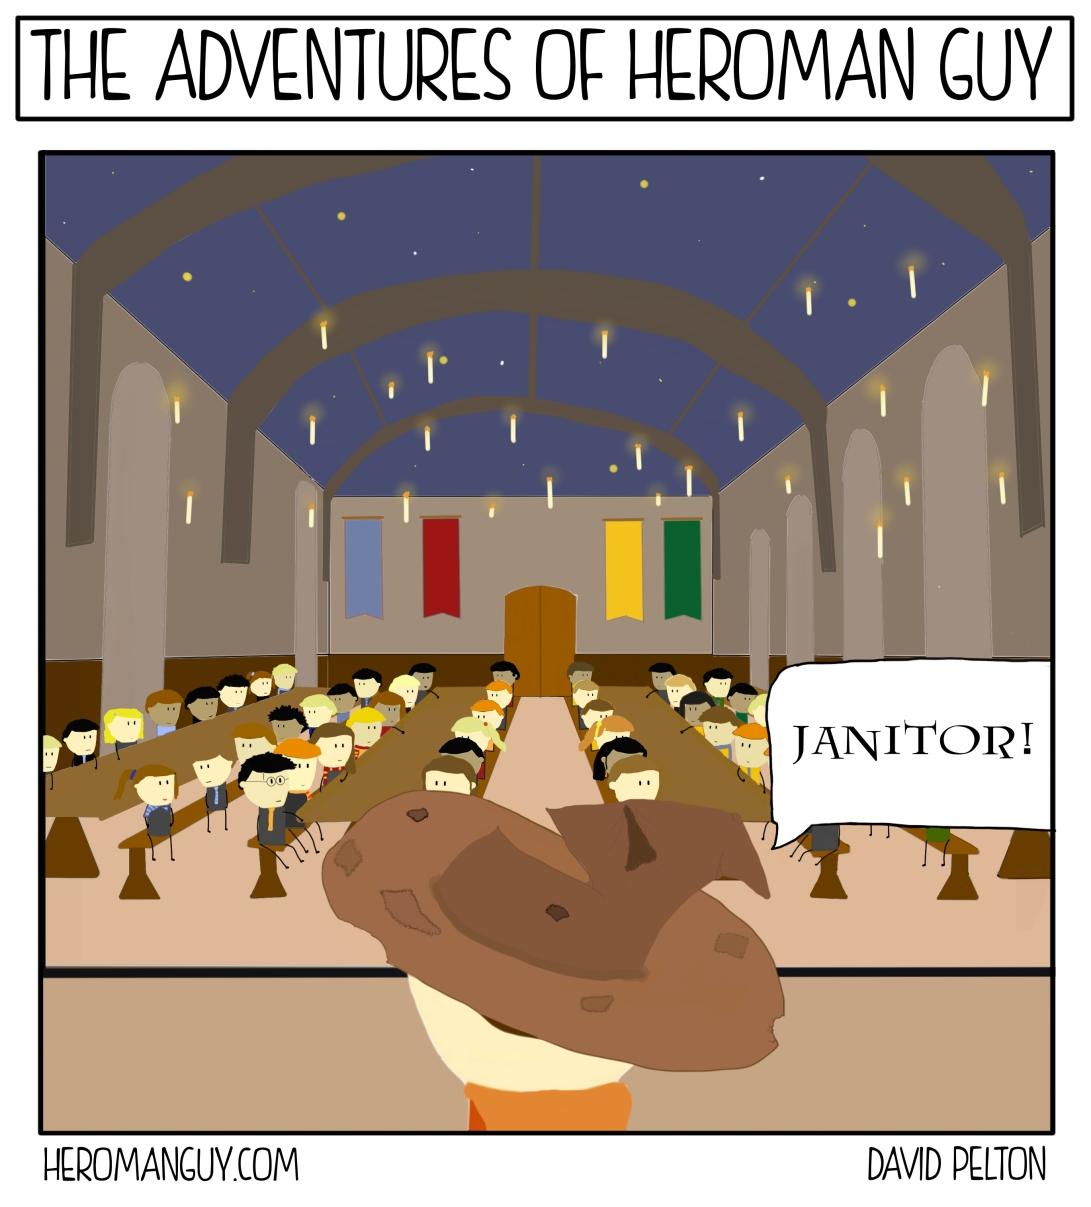 herowarts